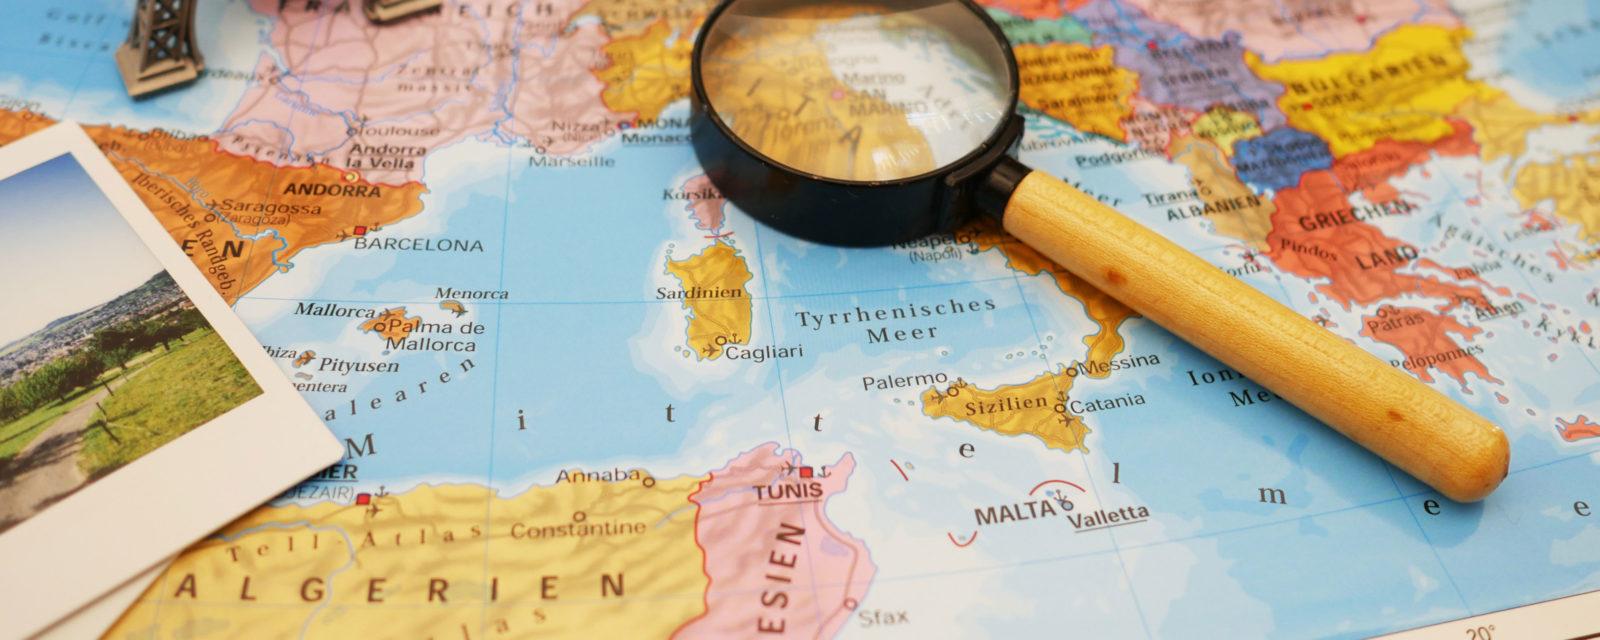 San Teodoro in Sardegna nel cuore del Mar Mediterraneo